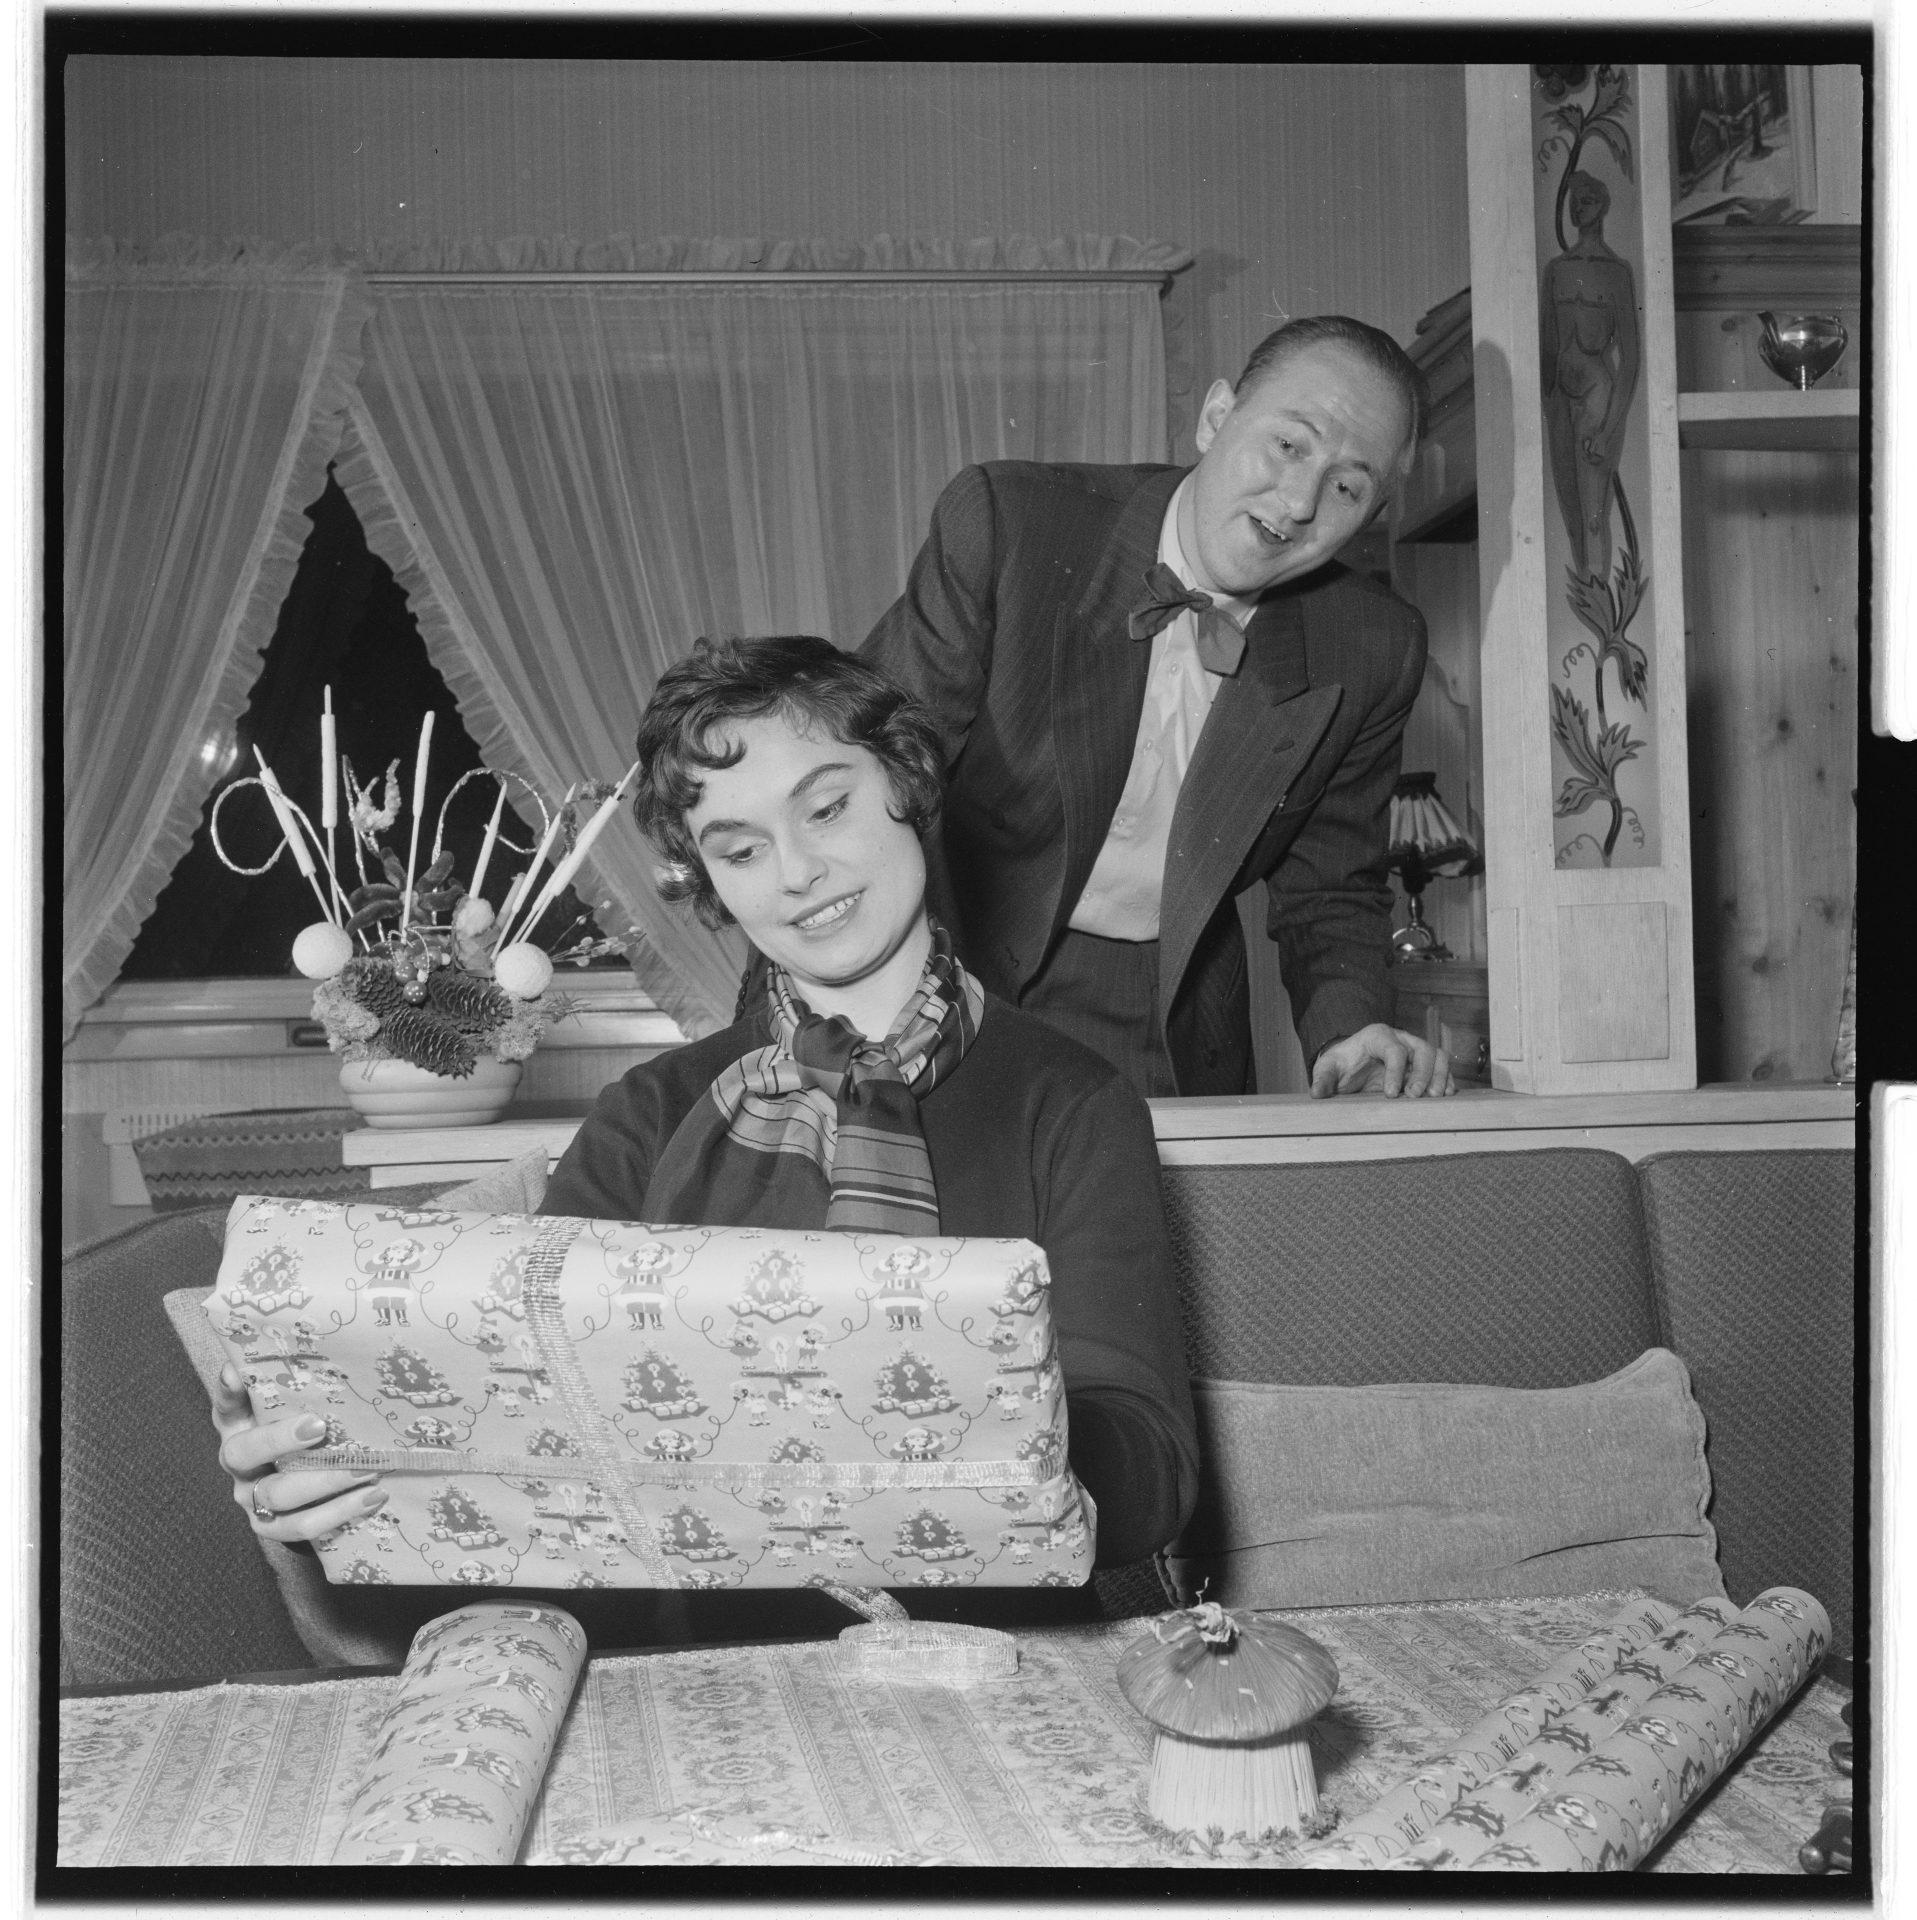 Ei kvinne opner ei julegåve medan ein mann står bak og ser på. Foto.